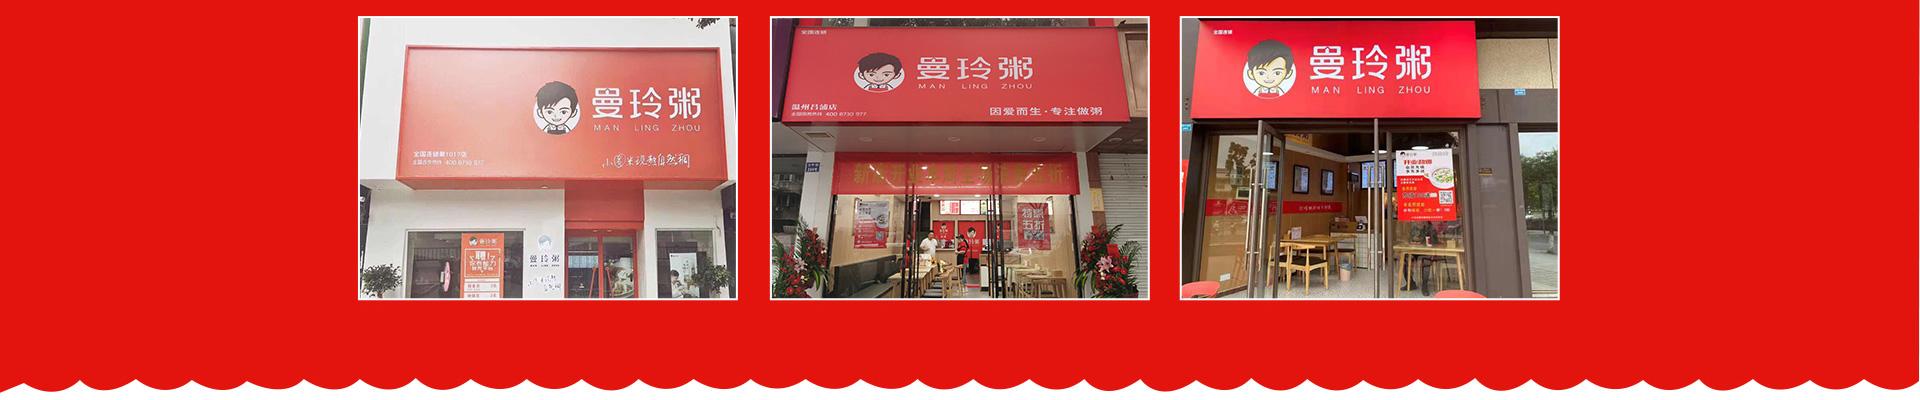 曼玲粥店详情_18